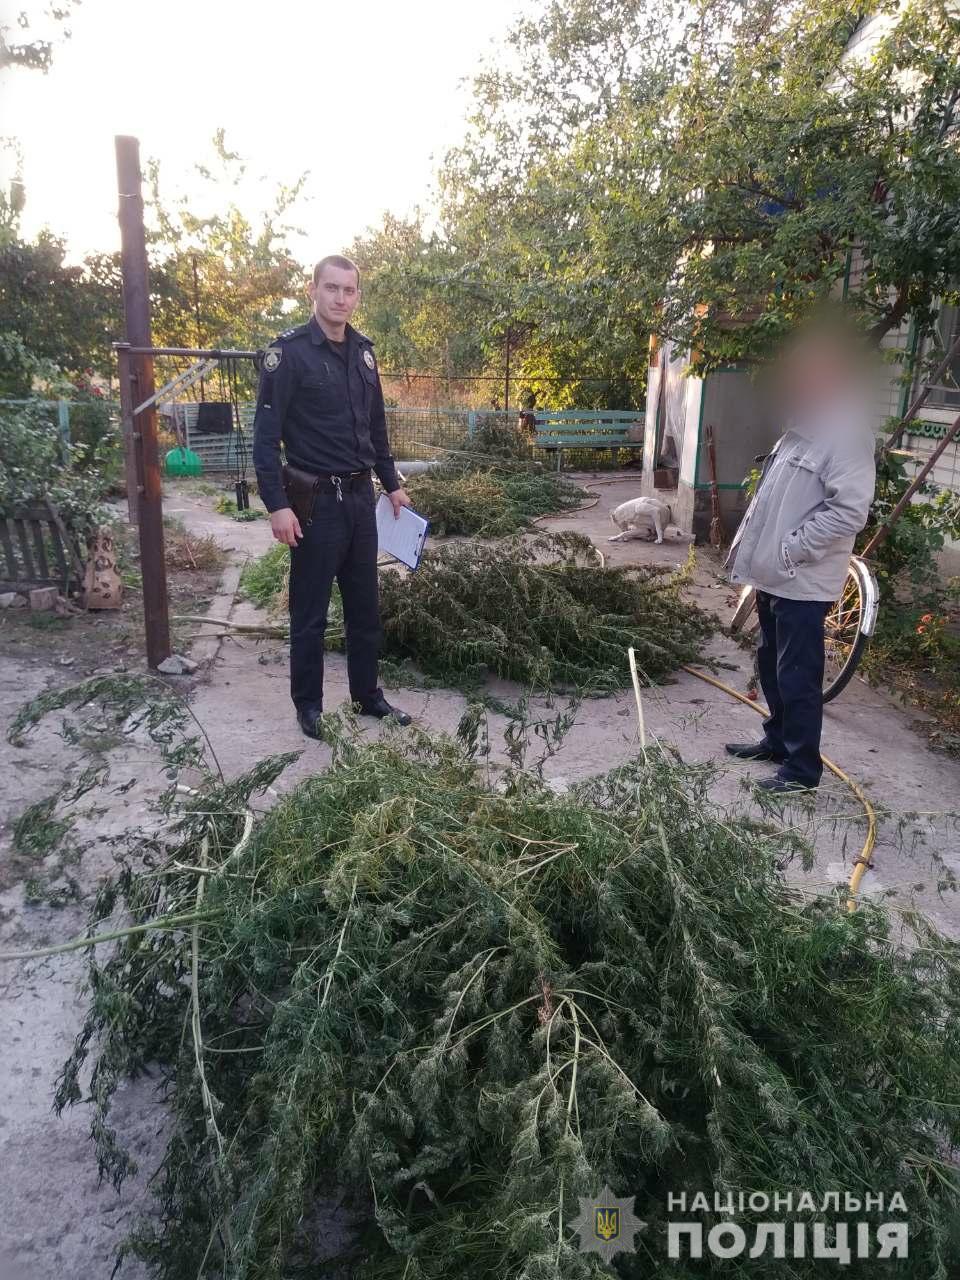 Собирал урожай на глазах у полиции: наркодилеру крупно не повезло. Новости Днепра